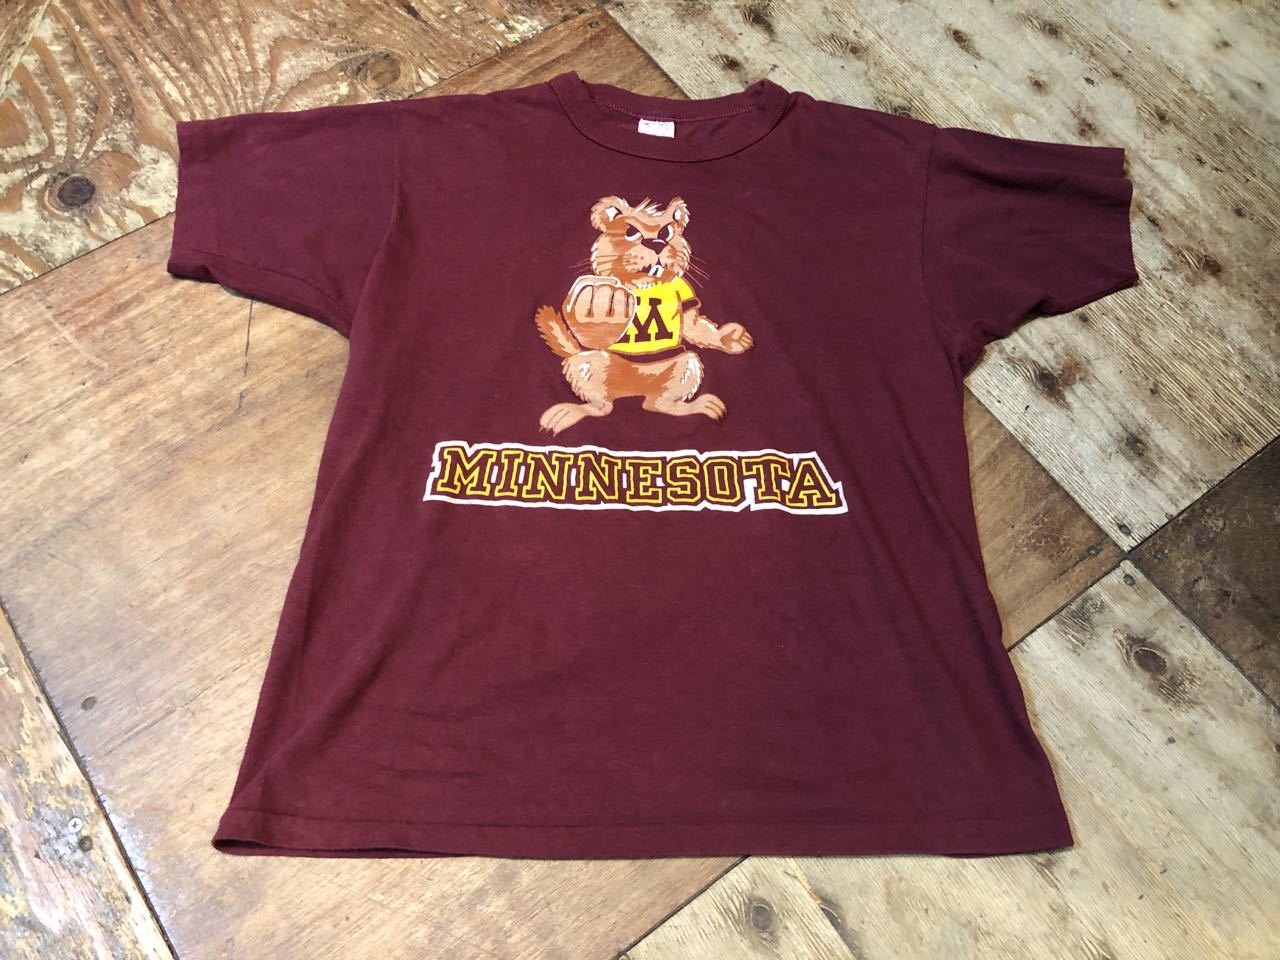 6月20日(土)入荷!80s トリコタグ all cotton チャンピオン champion MINNESOTA カレッジ Tシャツ!_c0144020_13324533.jpg